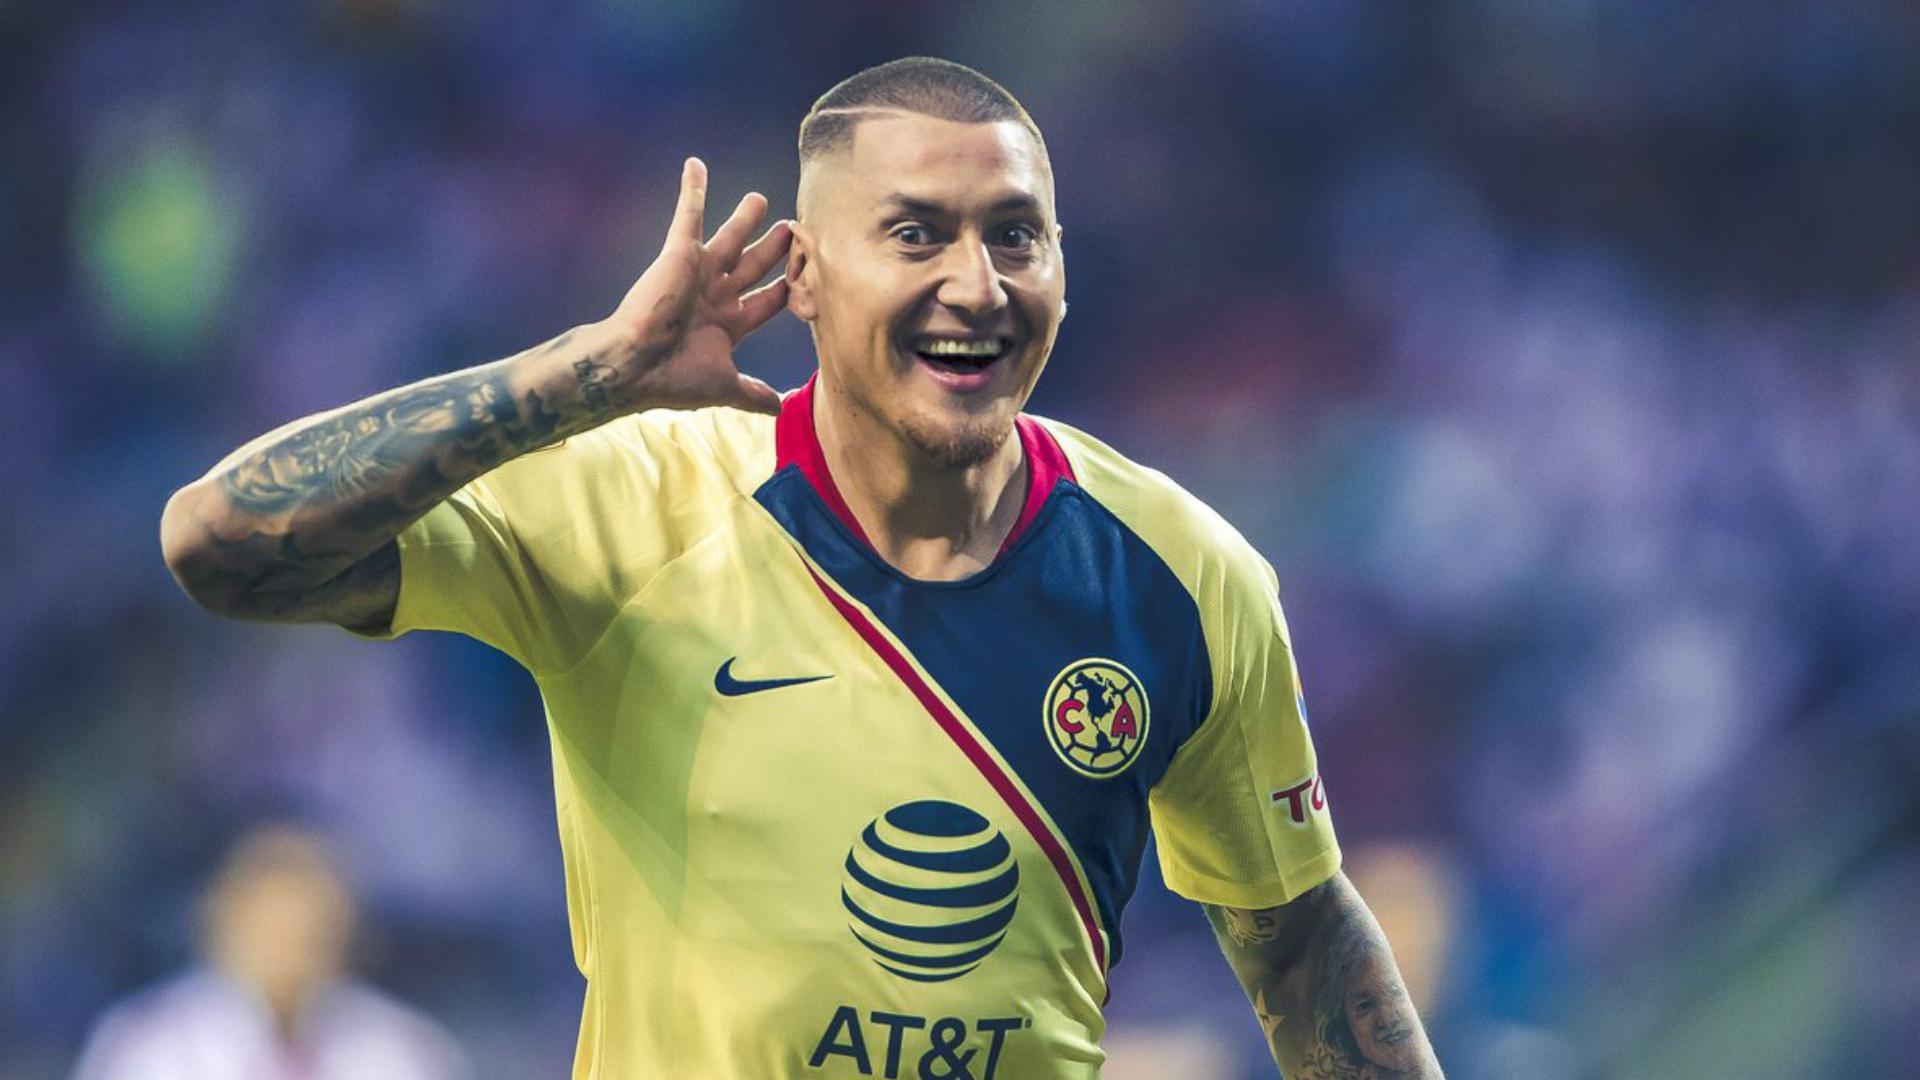 Nico Castillo